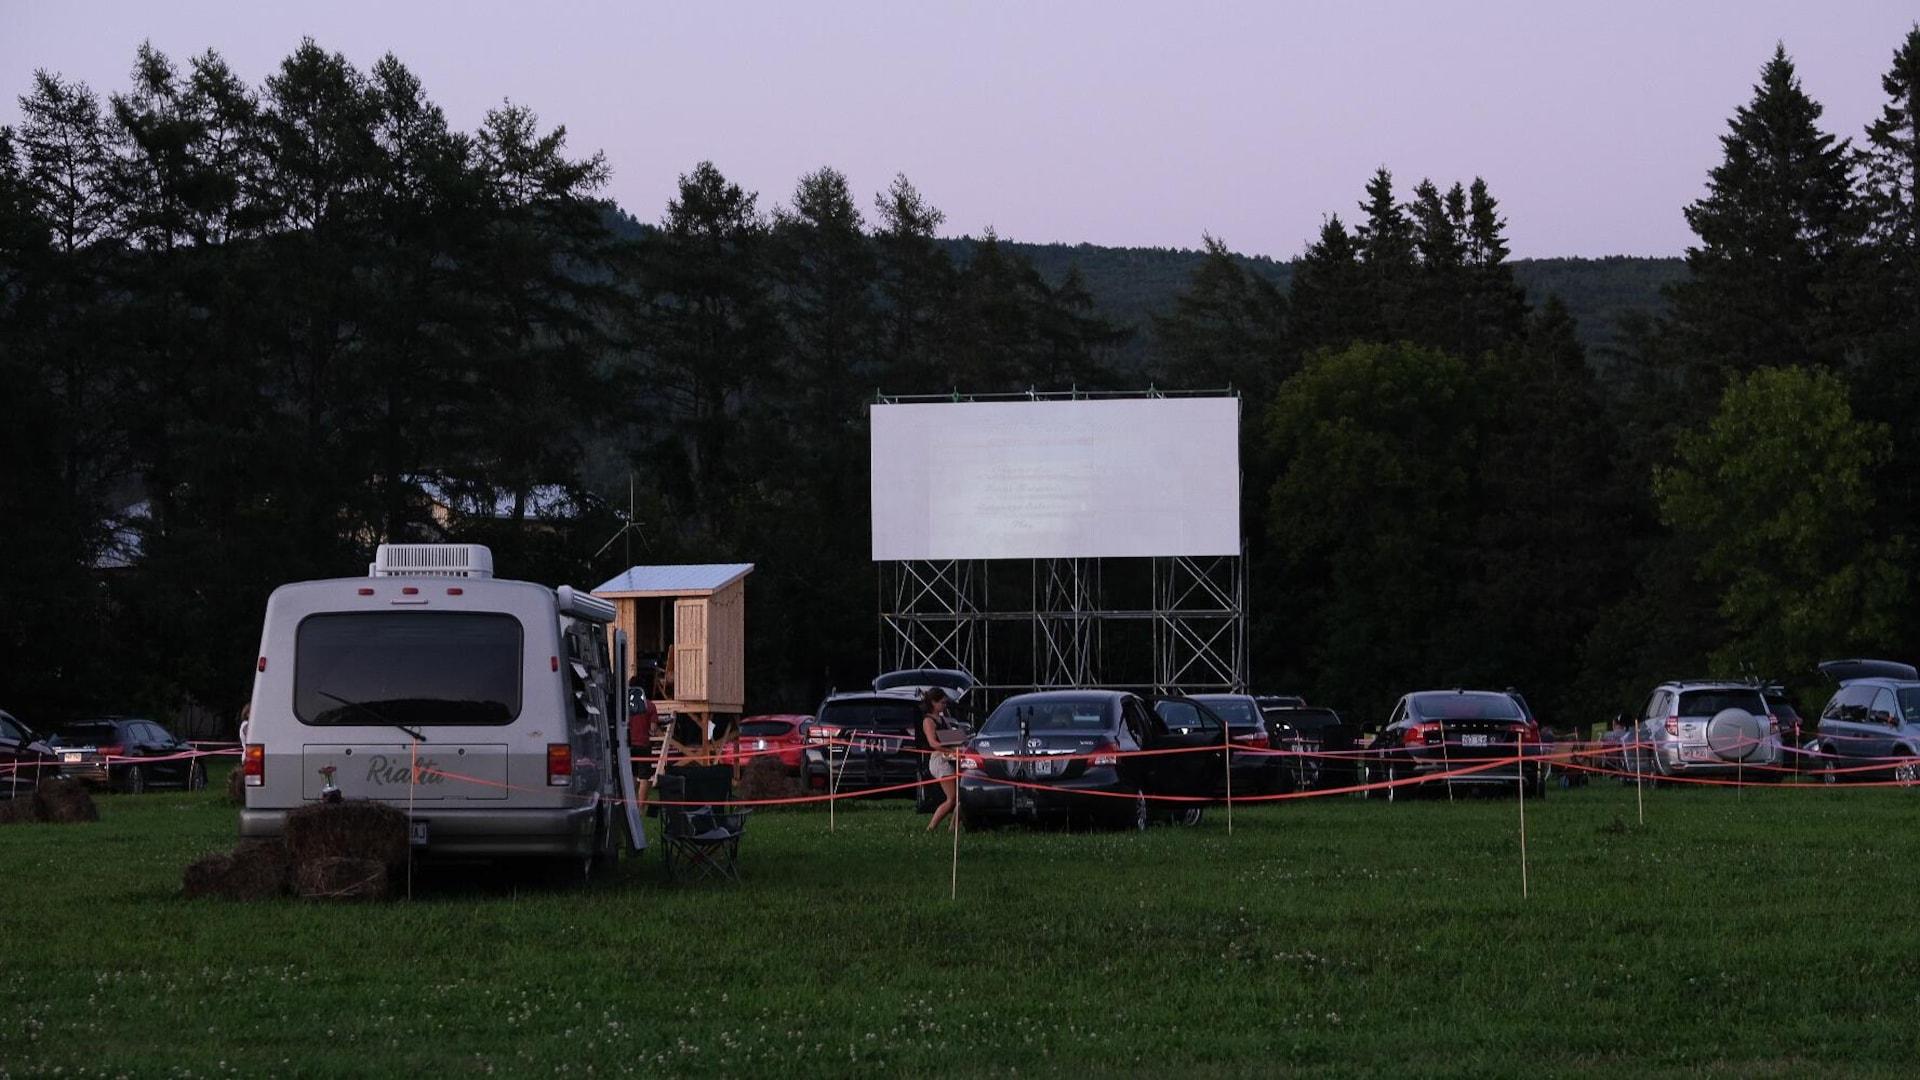 Des véhicules stationnés dans un ciné-parc aménagé sur un terrain gazonné.